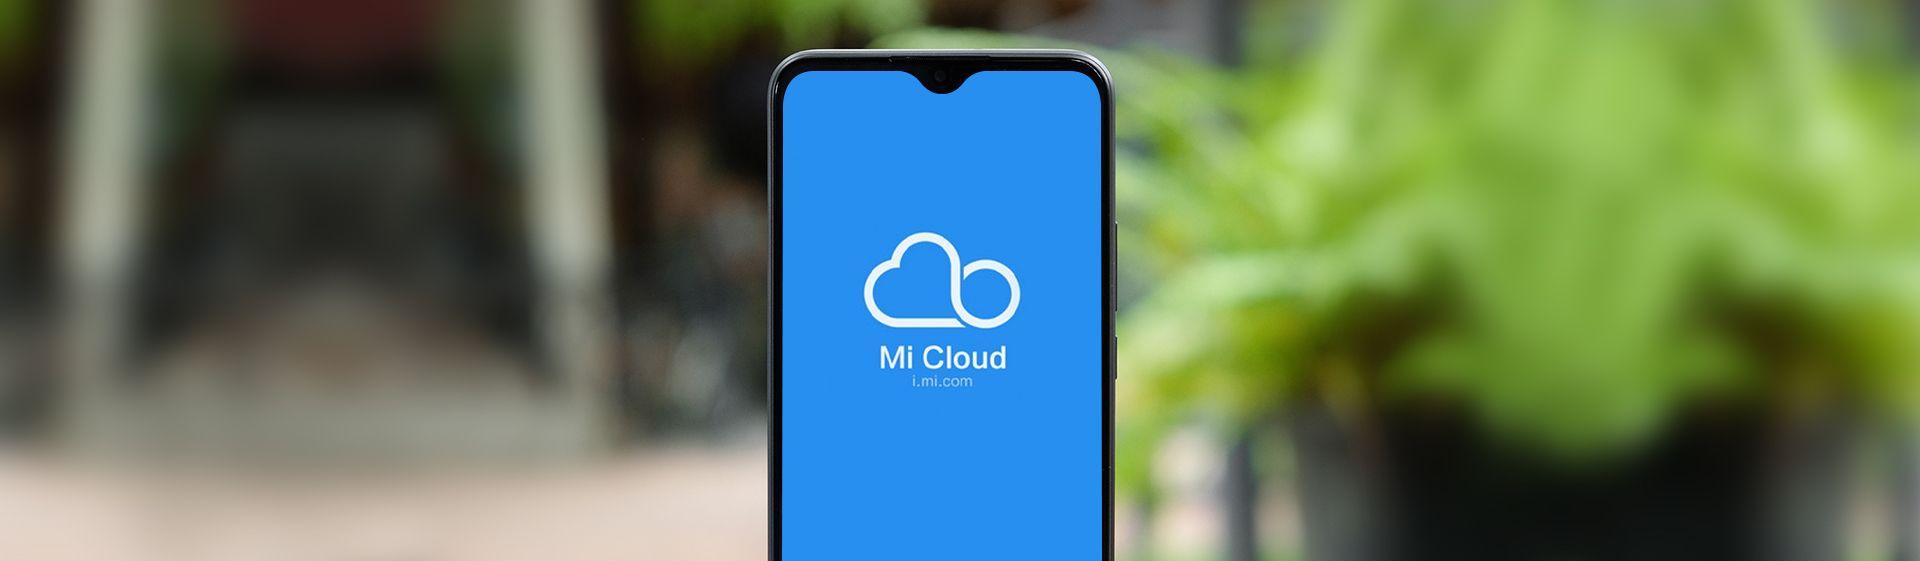 Mi Cloud: o que é e como funciona o serviço da Xiaomi